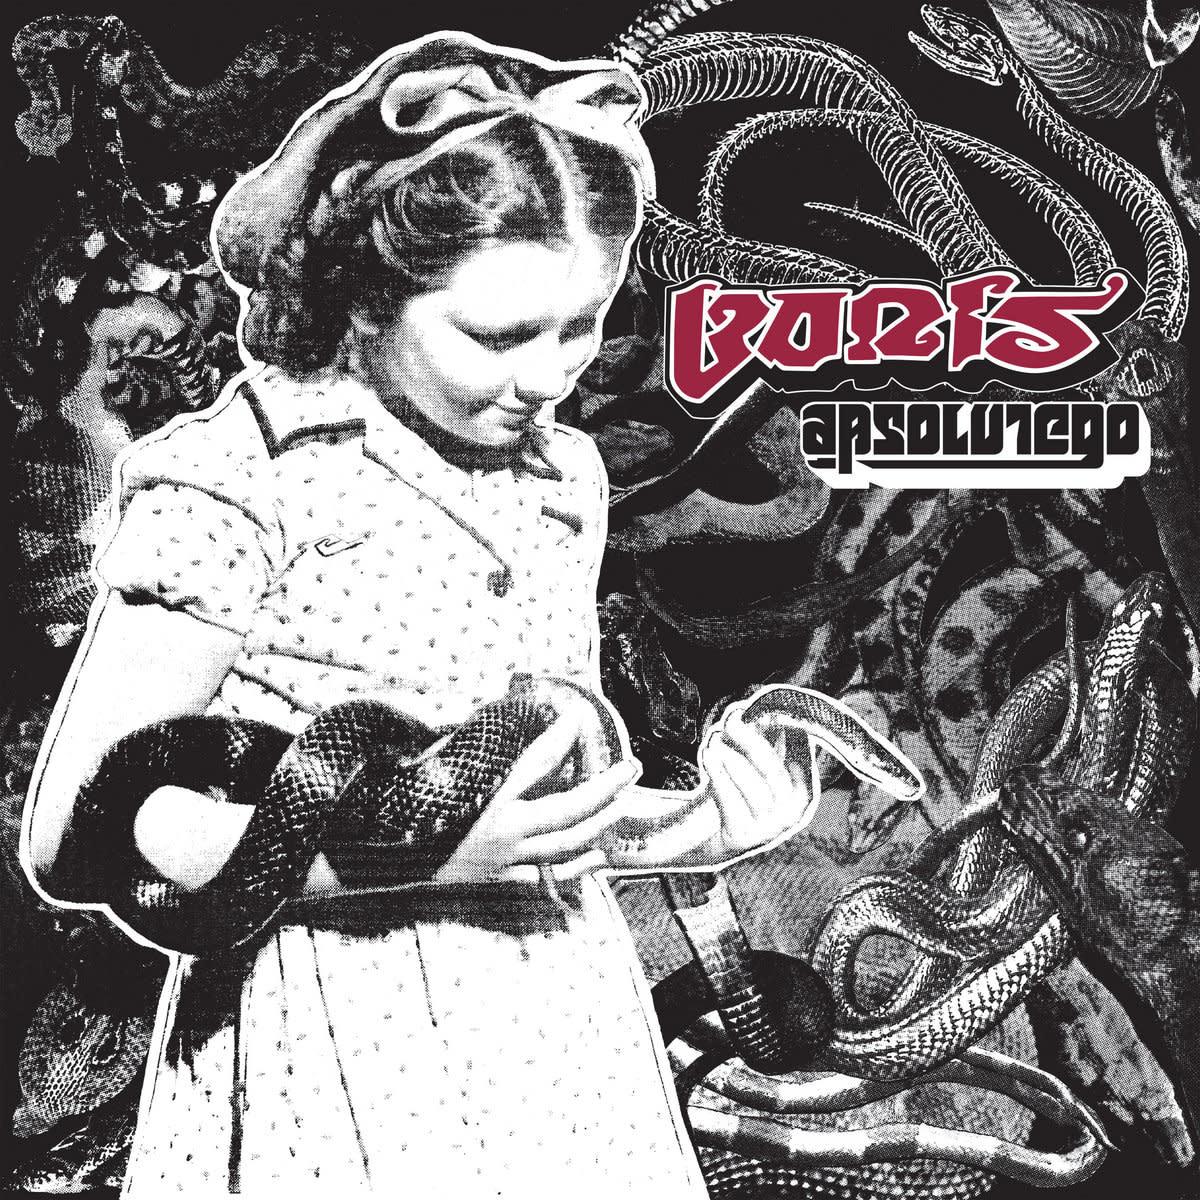 Third Man Records Boris - Absolutego (Coloured Vinyl)